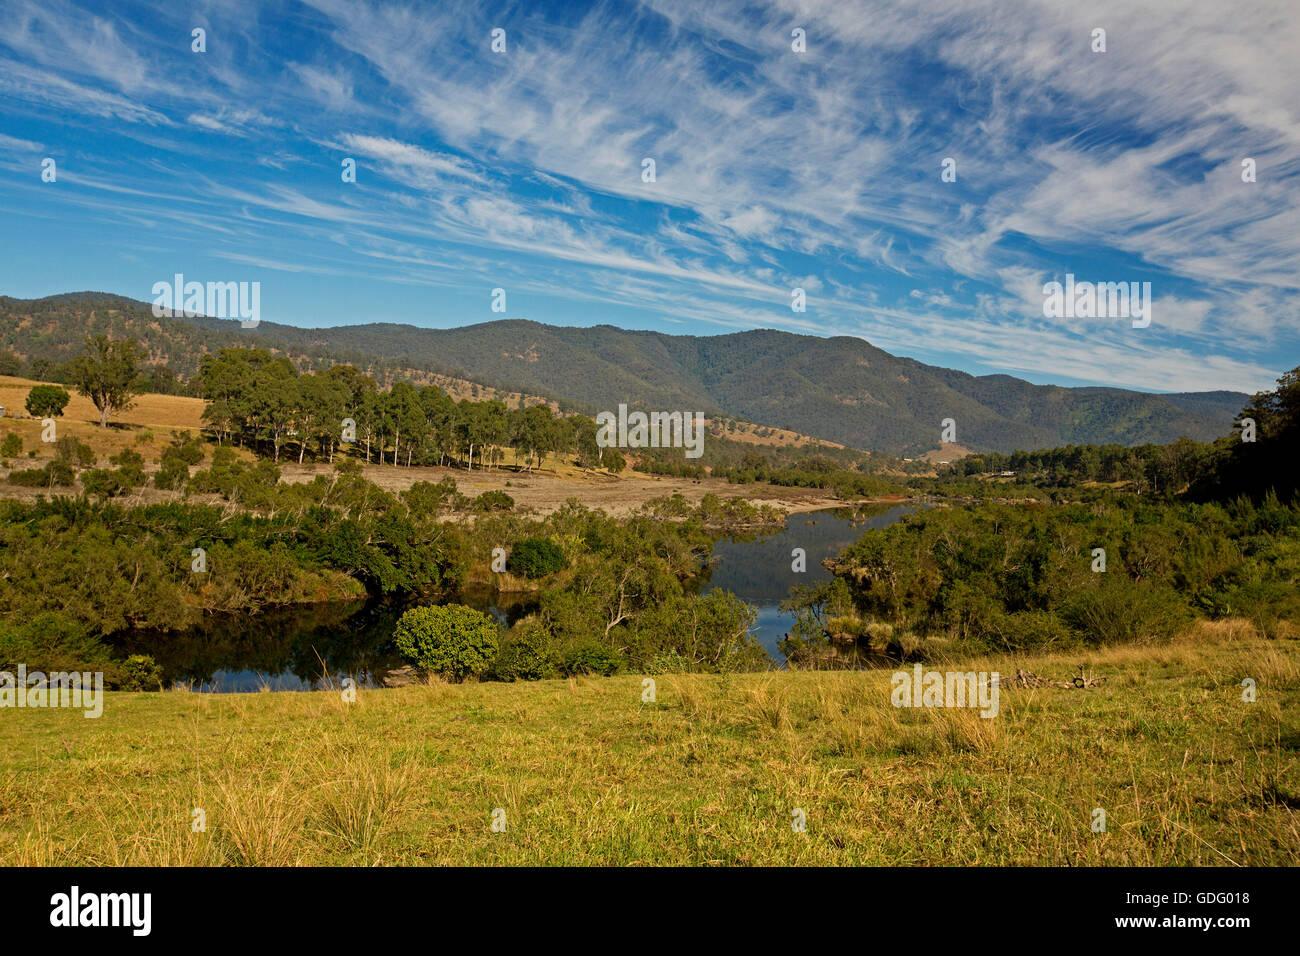 Atemberaubender Landschaft, Mann Fluss schneidet durch Wälder, goldene Gräser, bewaldeten Hügeln Stockbild